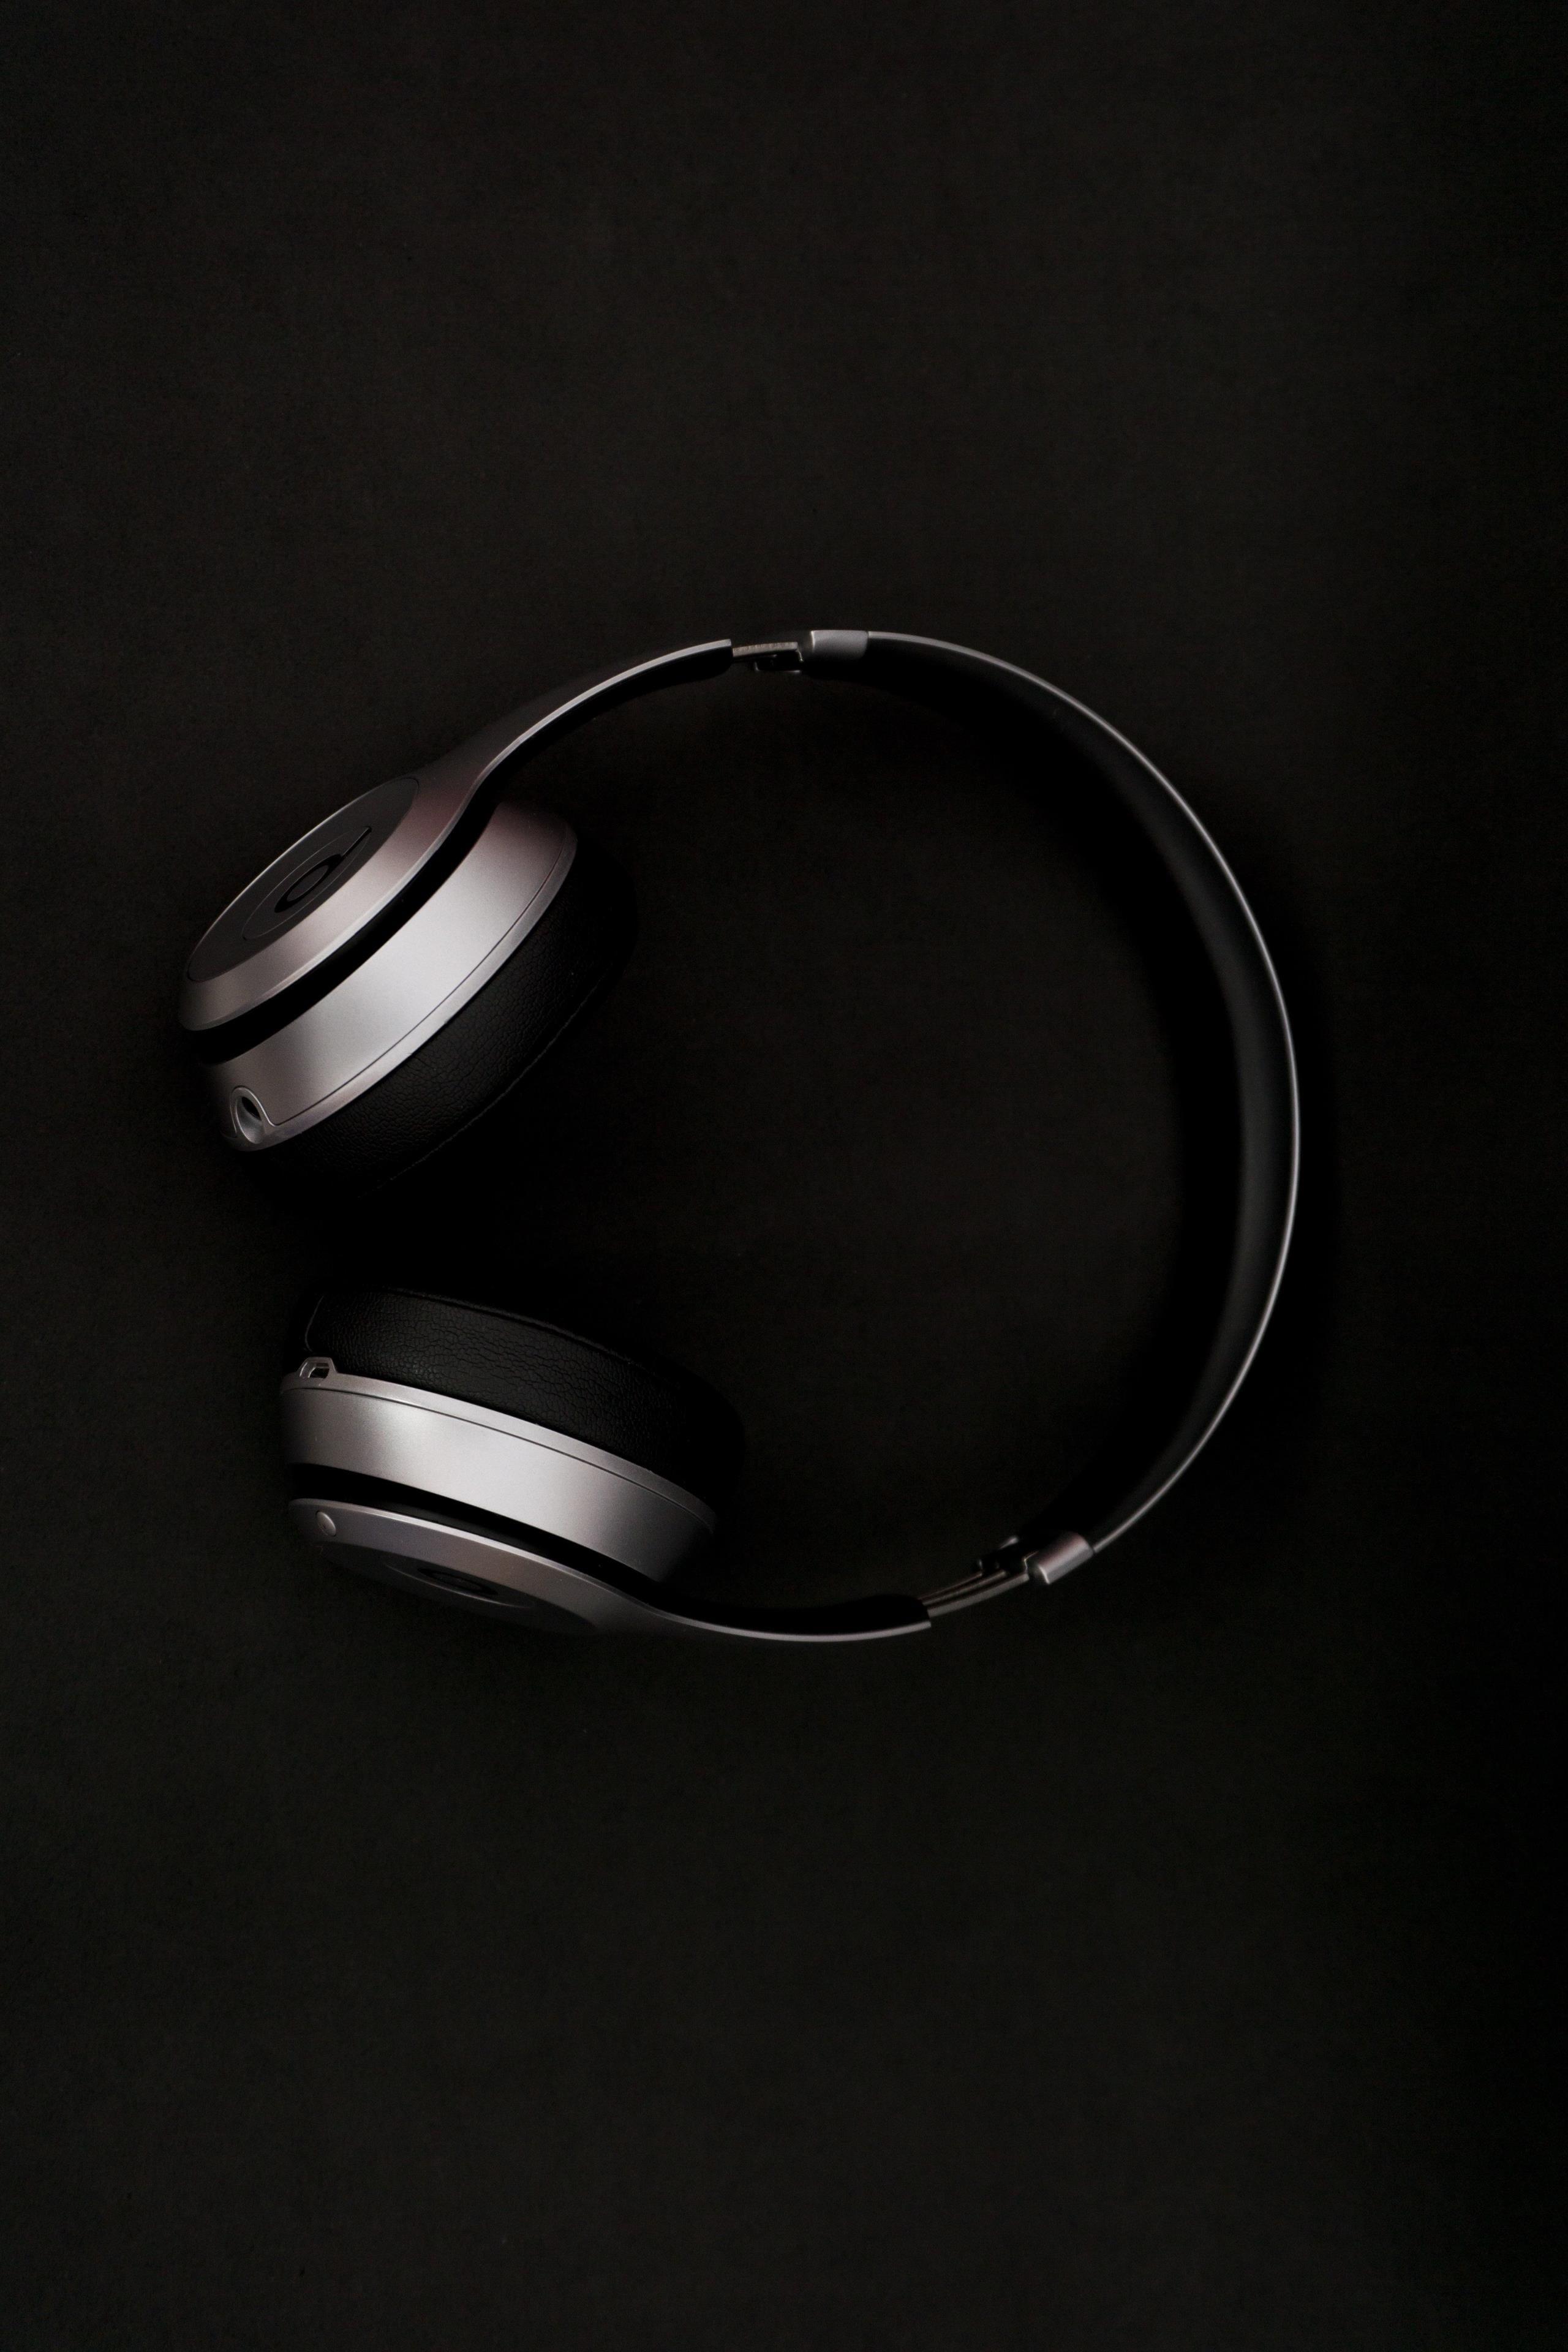 Ảnh đẹp 4k dành cho điện thoại - tai nghe